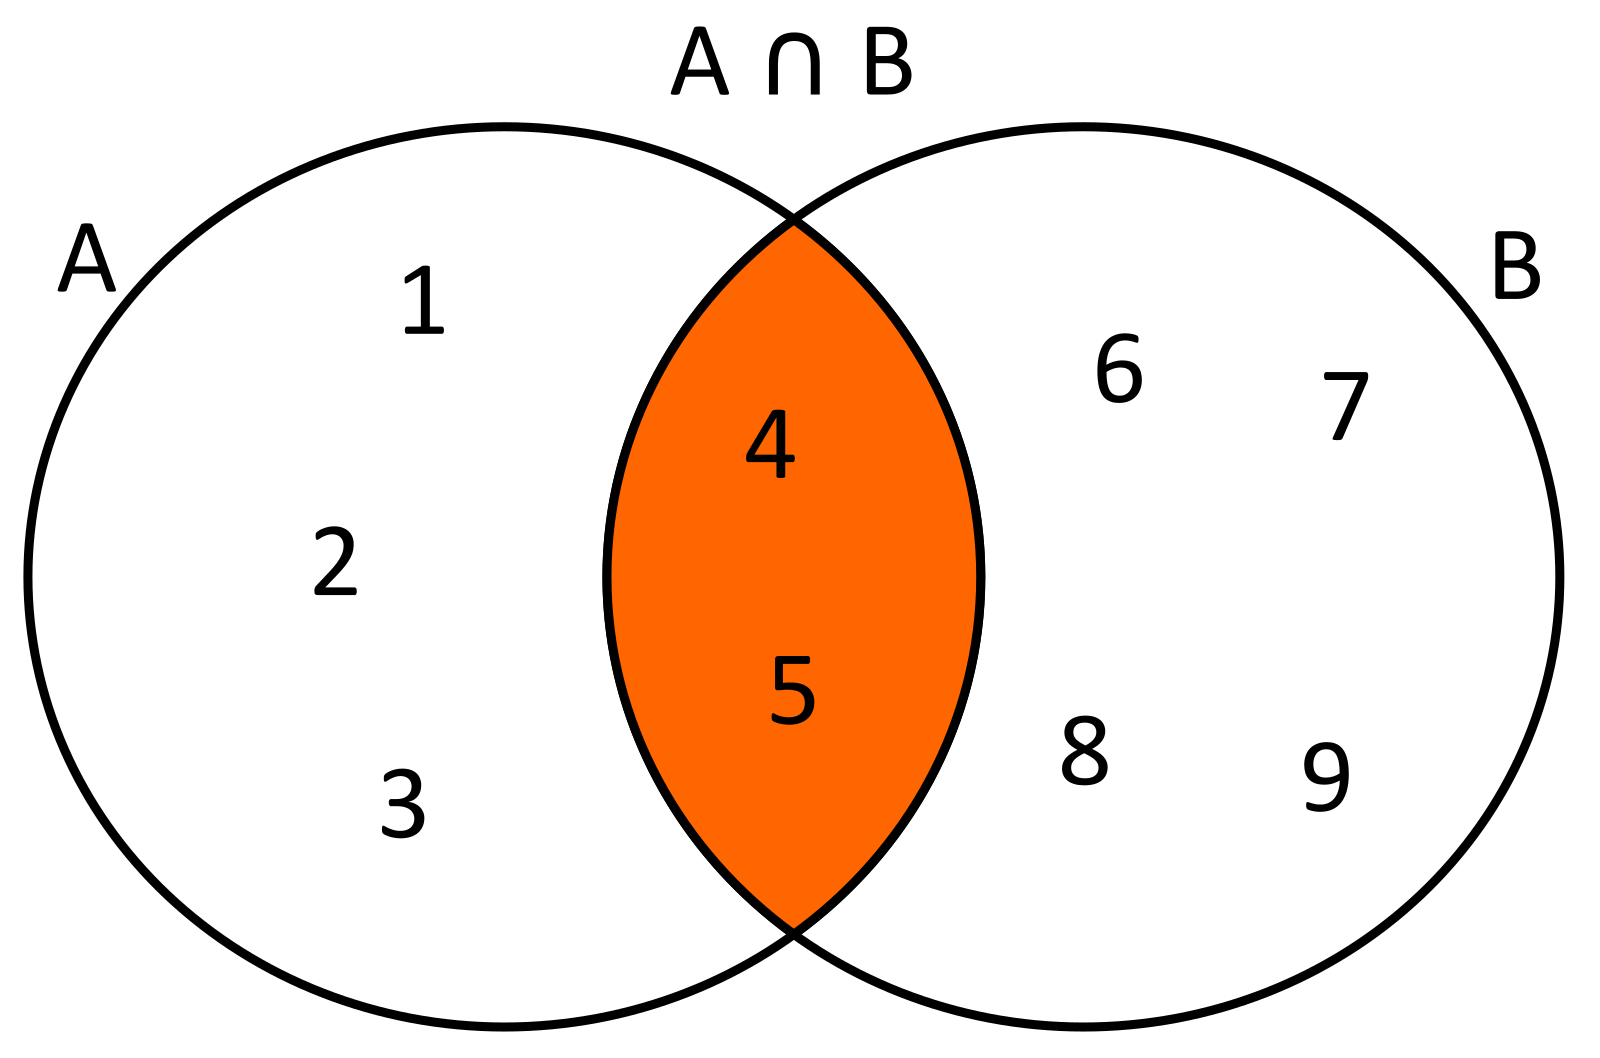 Conoce3000 dados dos conjuntos a12345 y b456789 la interseccin de estos conjuntos ser ab45 usando diagramas de venn se tendra lo siguiente ccuart Gallery